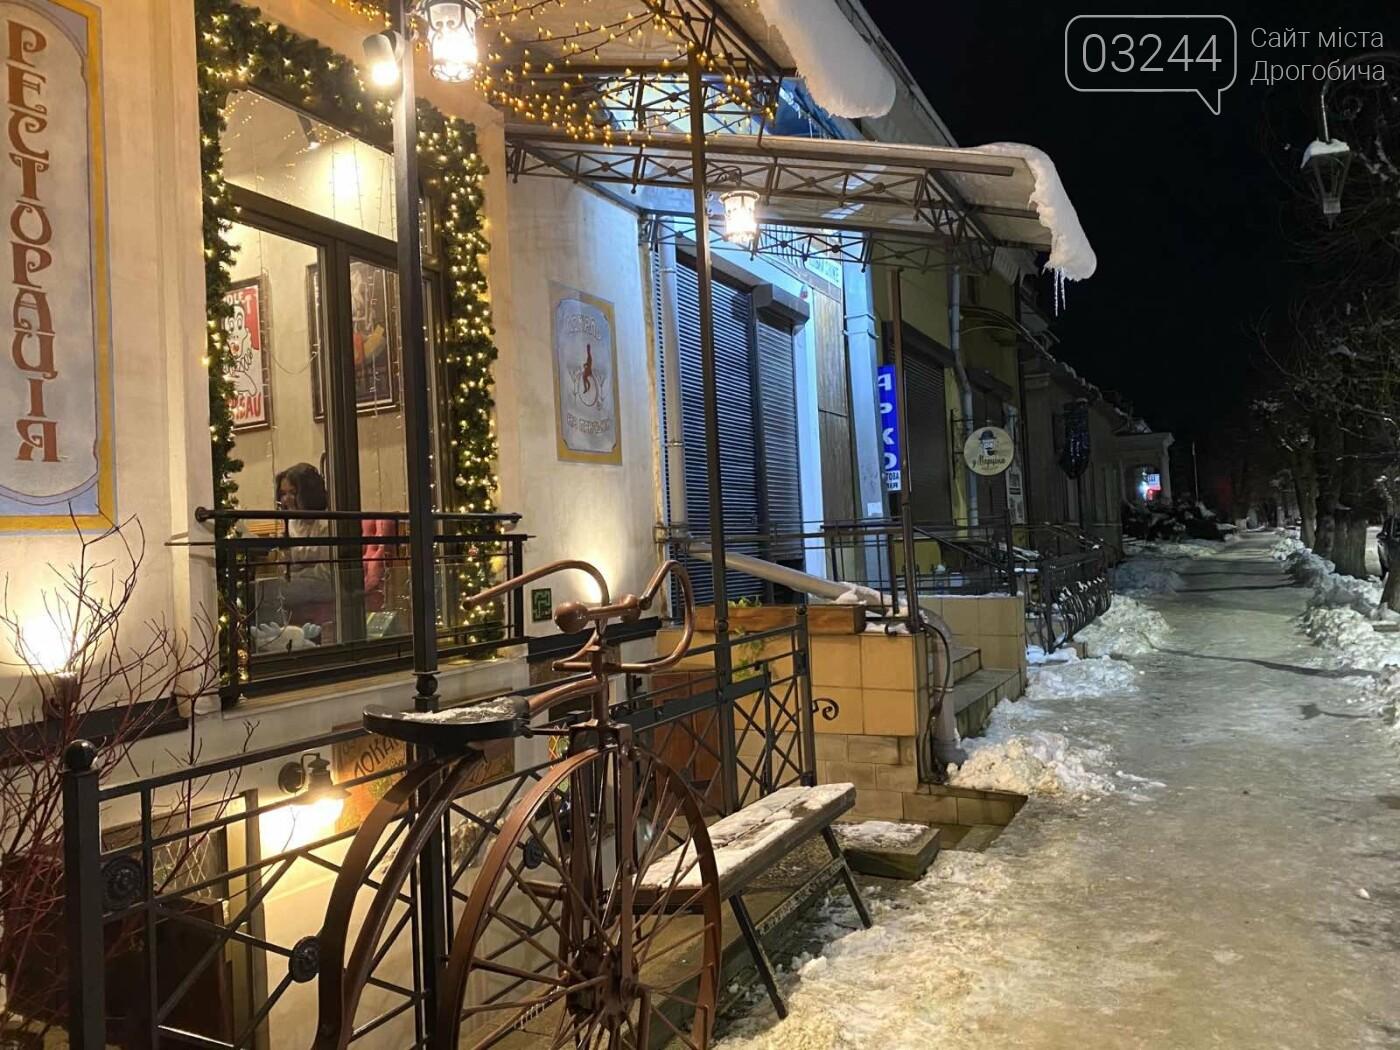 Снігова магія нічних вулиць Дрогобича, - Фоторепортаж, фото-9